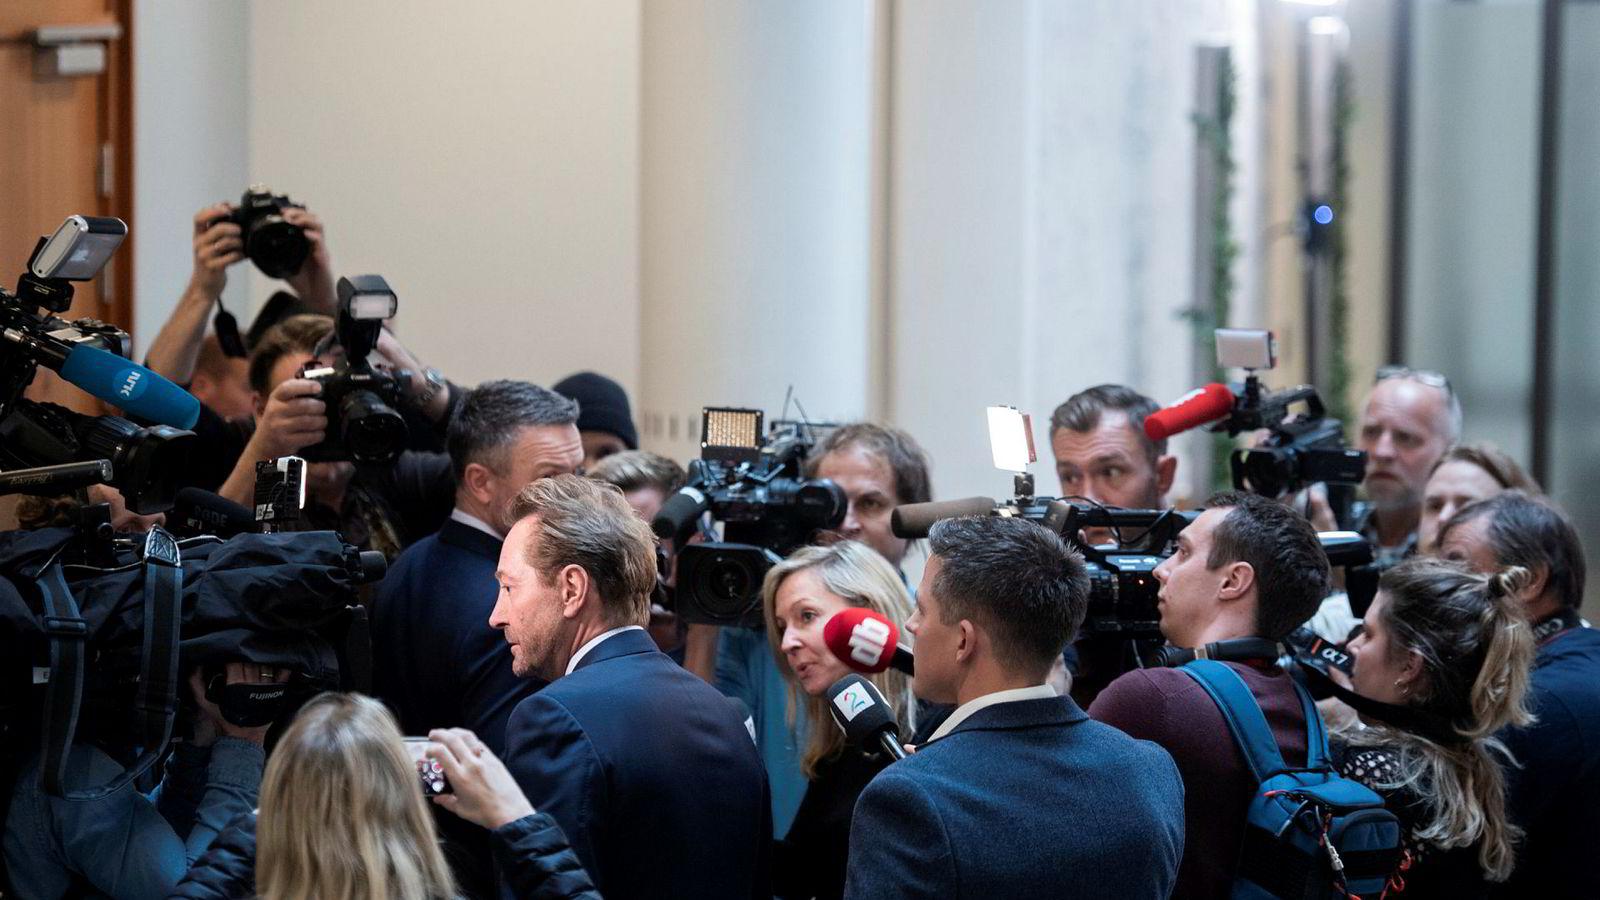 Røkke måtte dytte seg vei gjennom pressekorpset for å komme inn til rettssalen før han fikk startet sin forklaring.